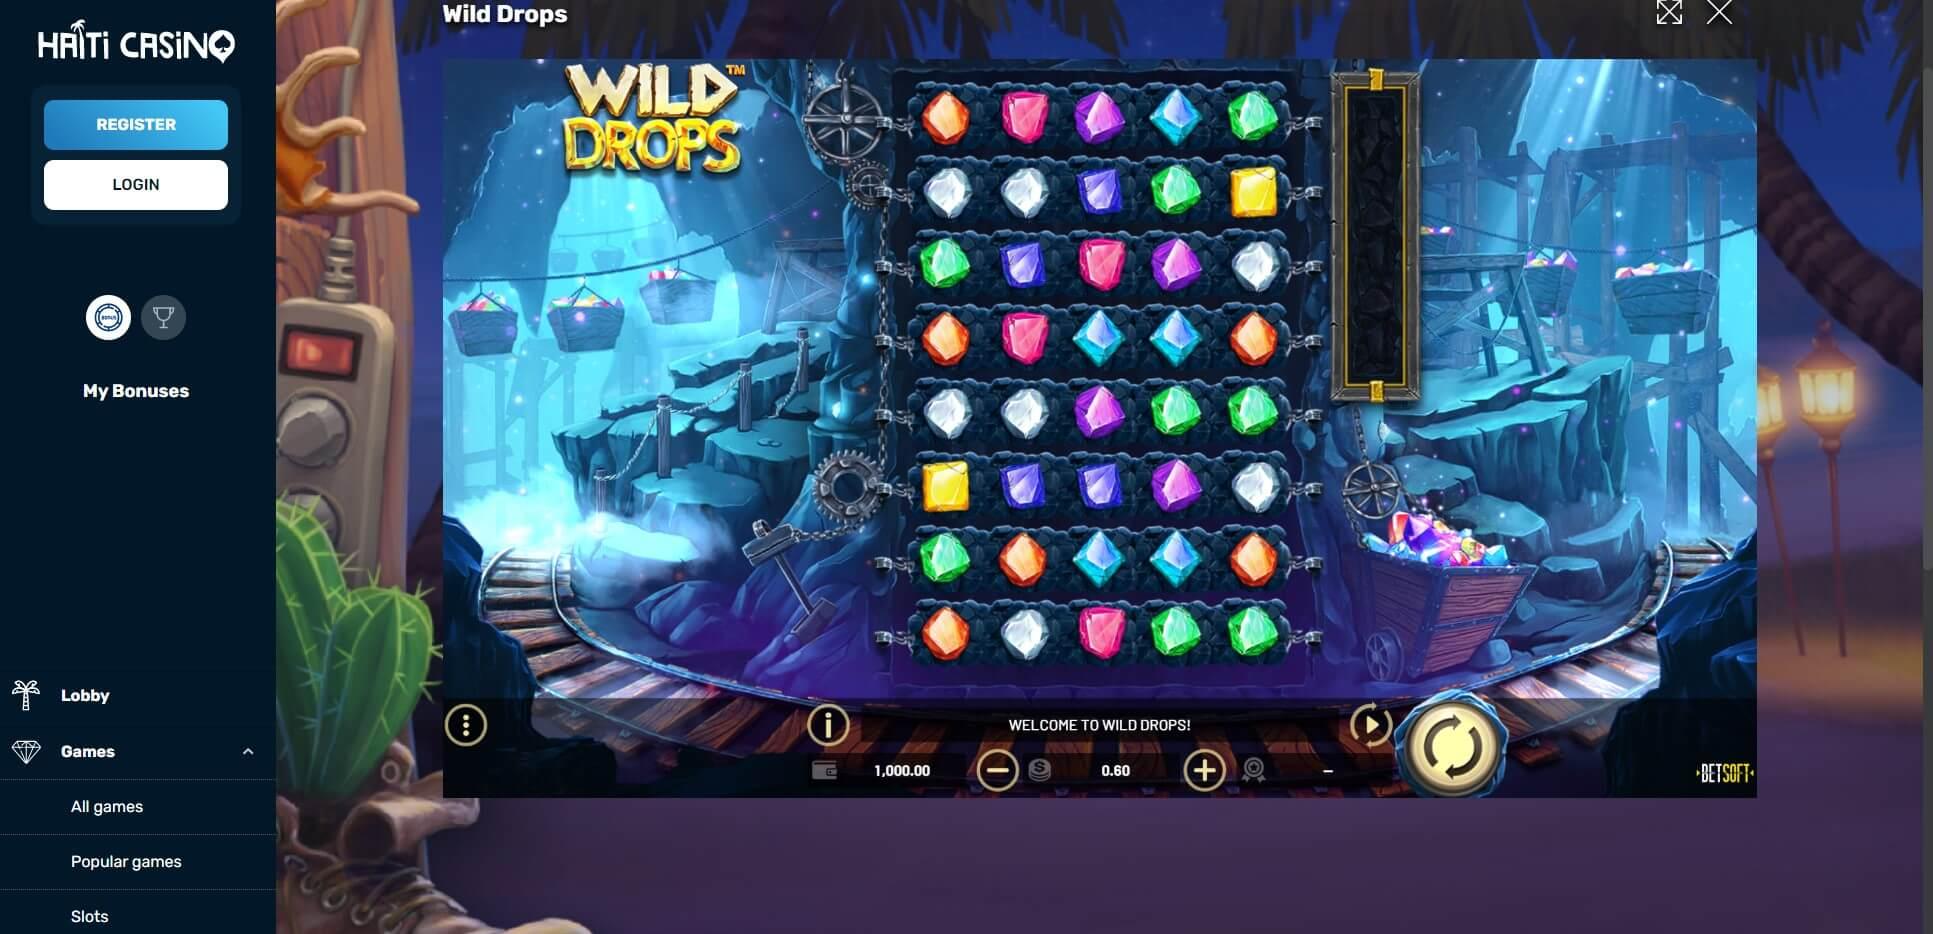 Game Play at Haiti Casino